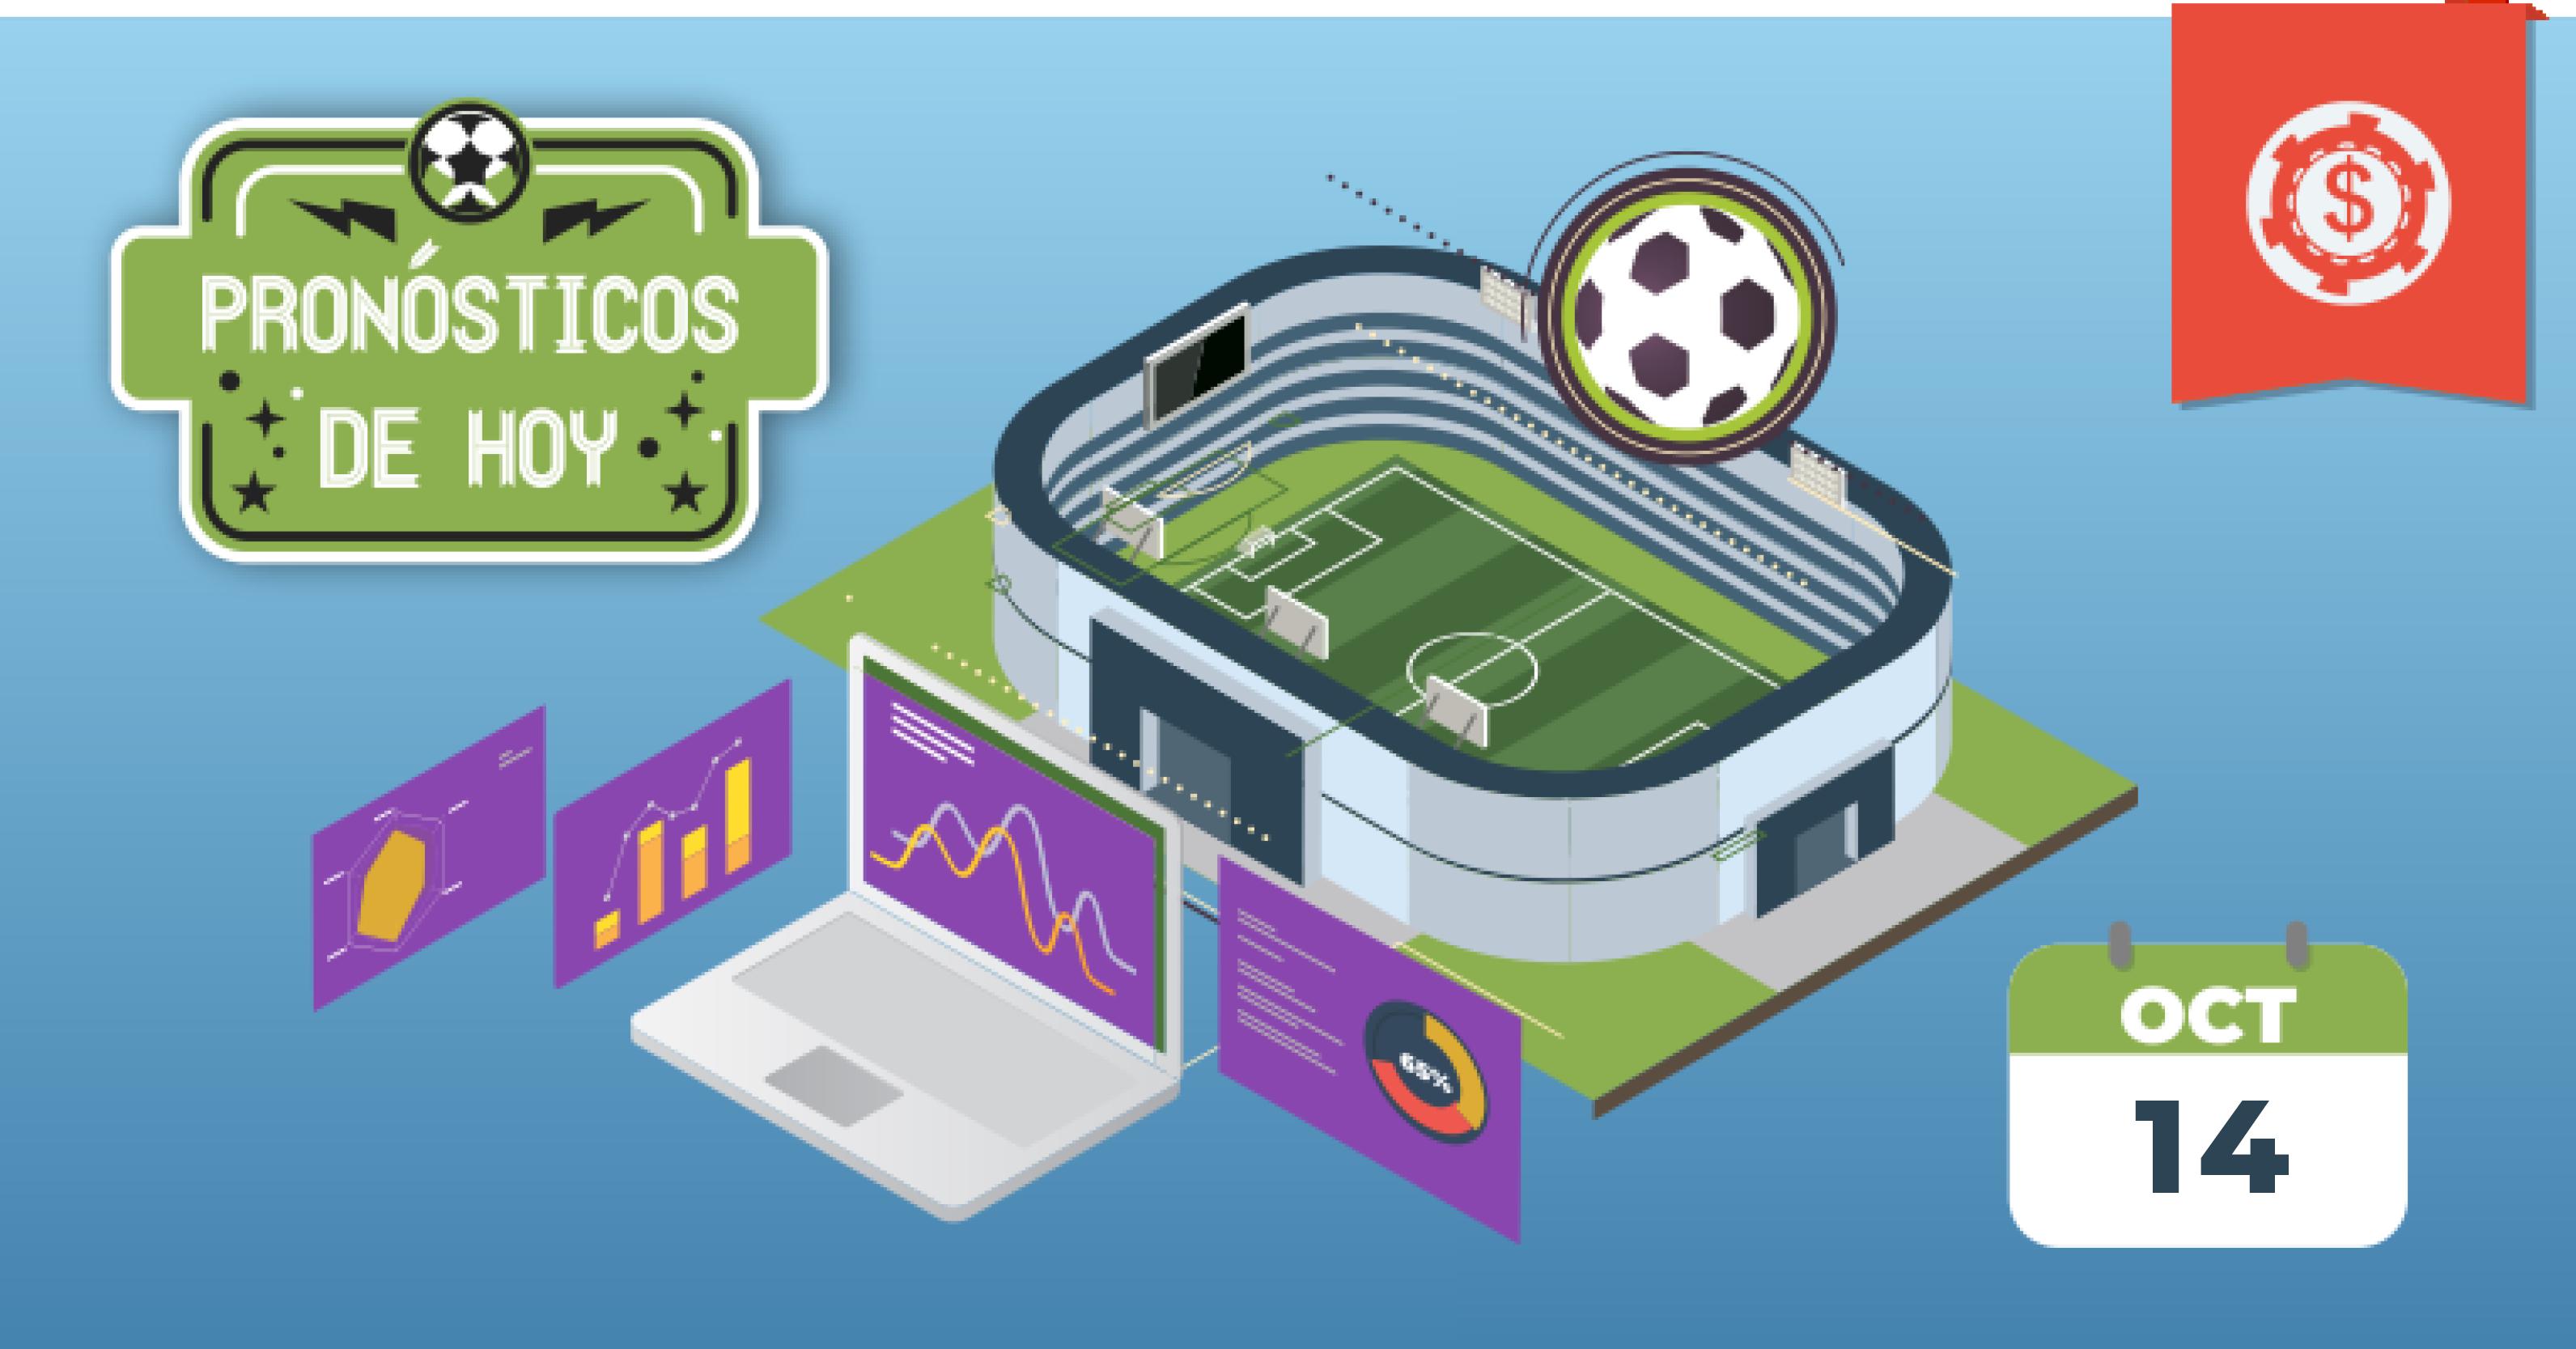 pronosticos-futbol-hoy-predicciones-14-octubre-2019